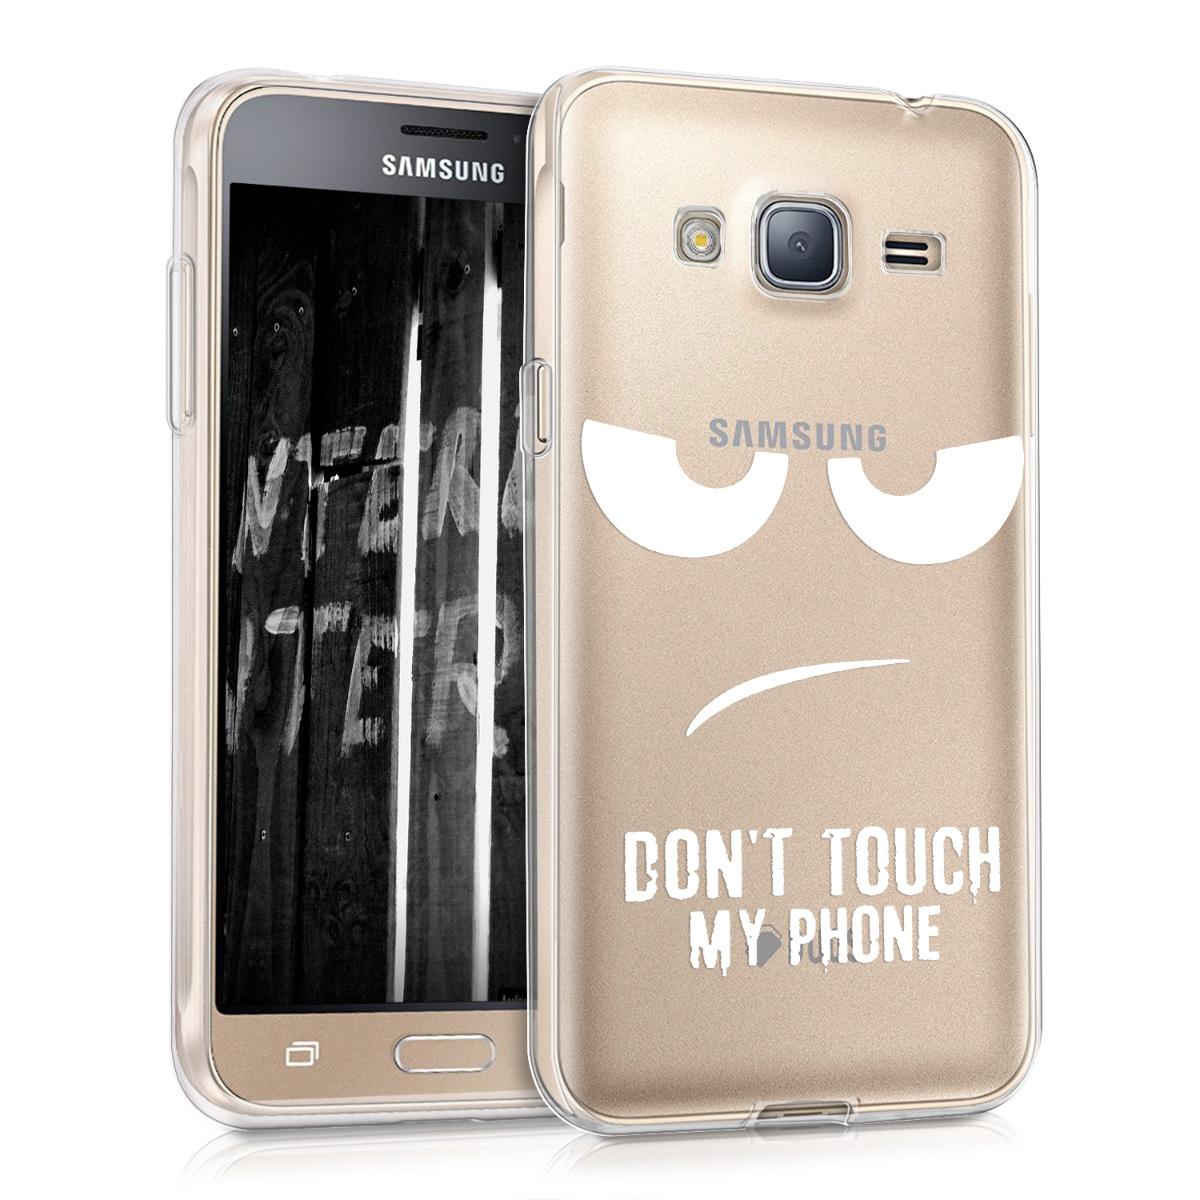 Kvalitní silikonové TPU pouzdro pro Samsung J3 (2016) DUOS - Do not Touch My Phone bílé / transparentní